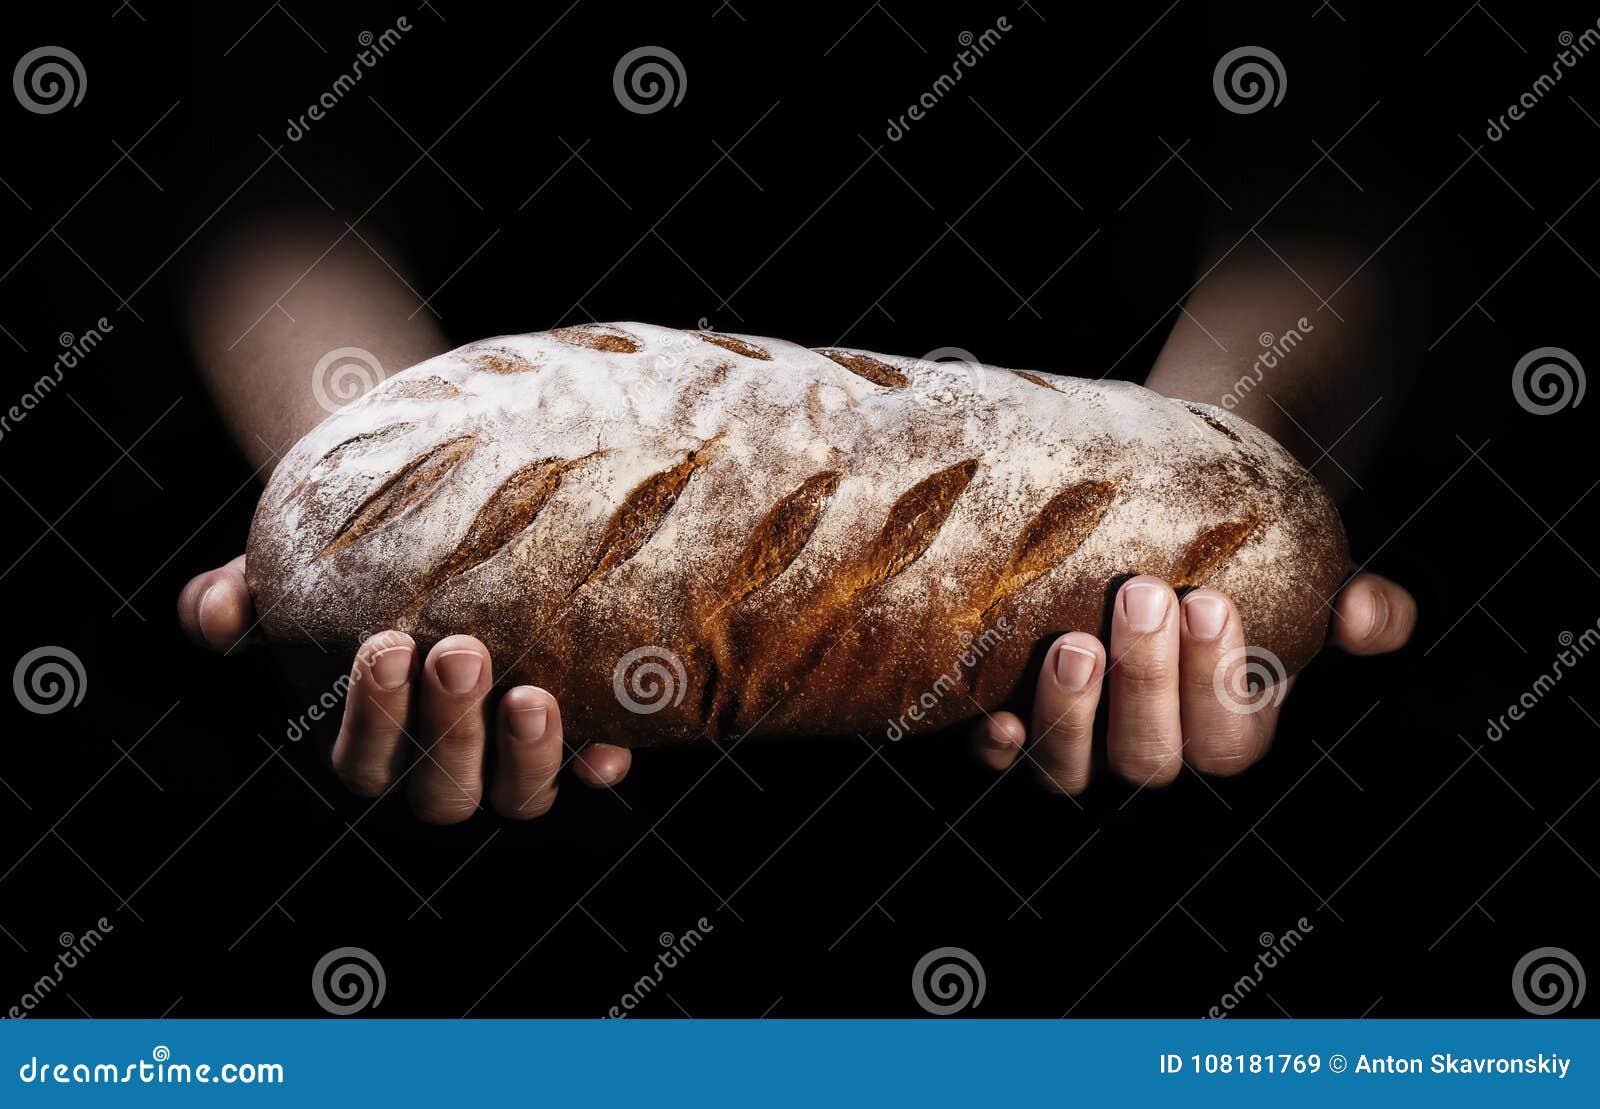 Bochenek świeżo piec chleb w rękach piekarz